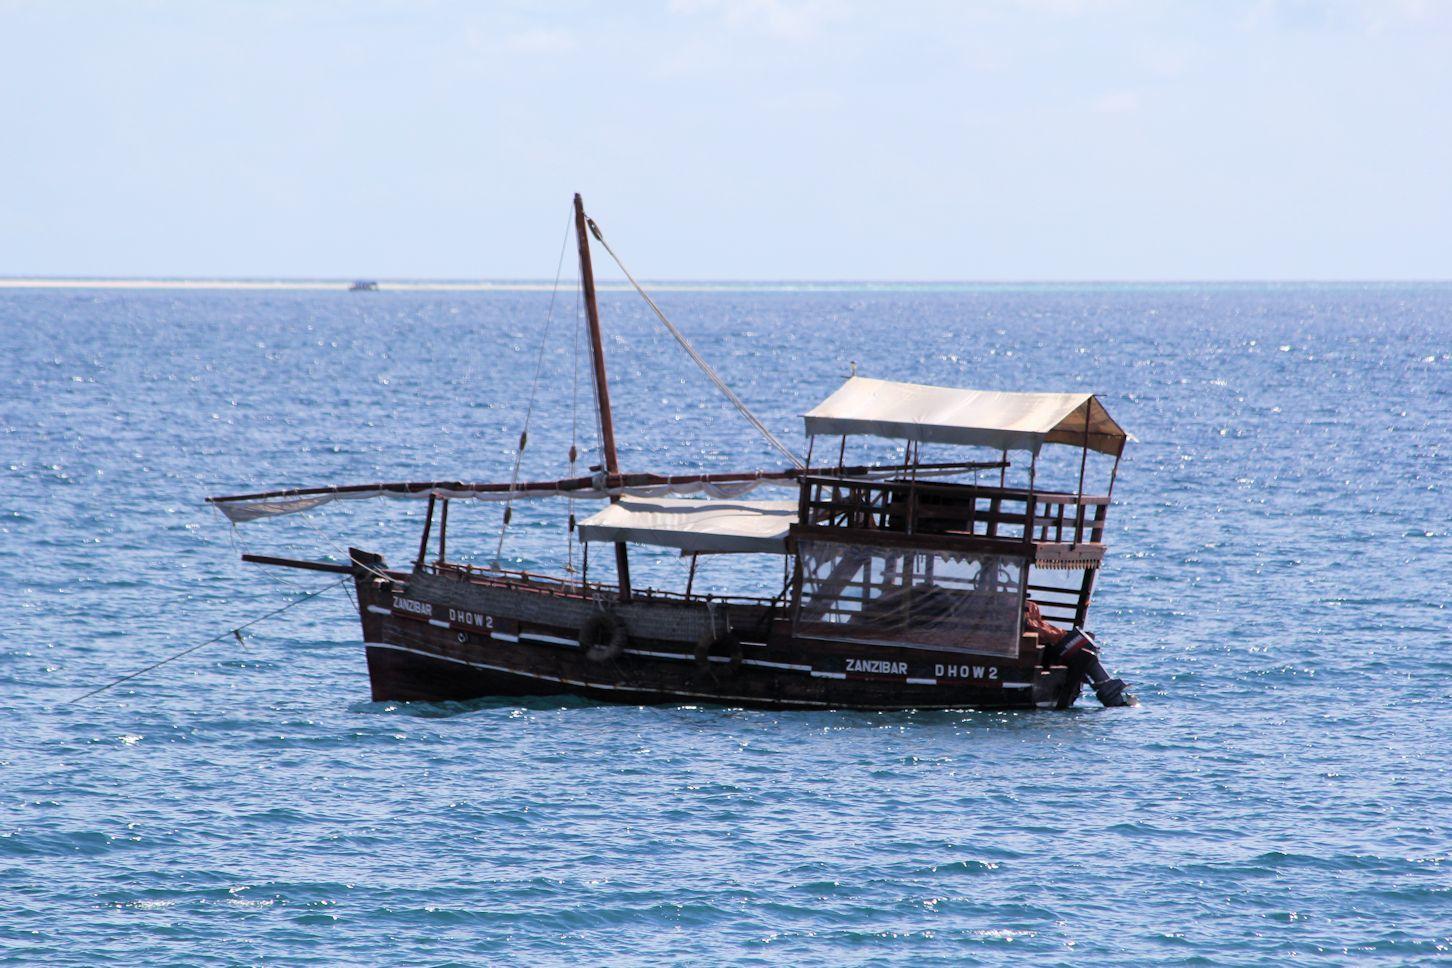 Sunset Cruise, Zanzibar